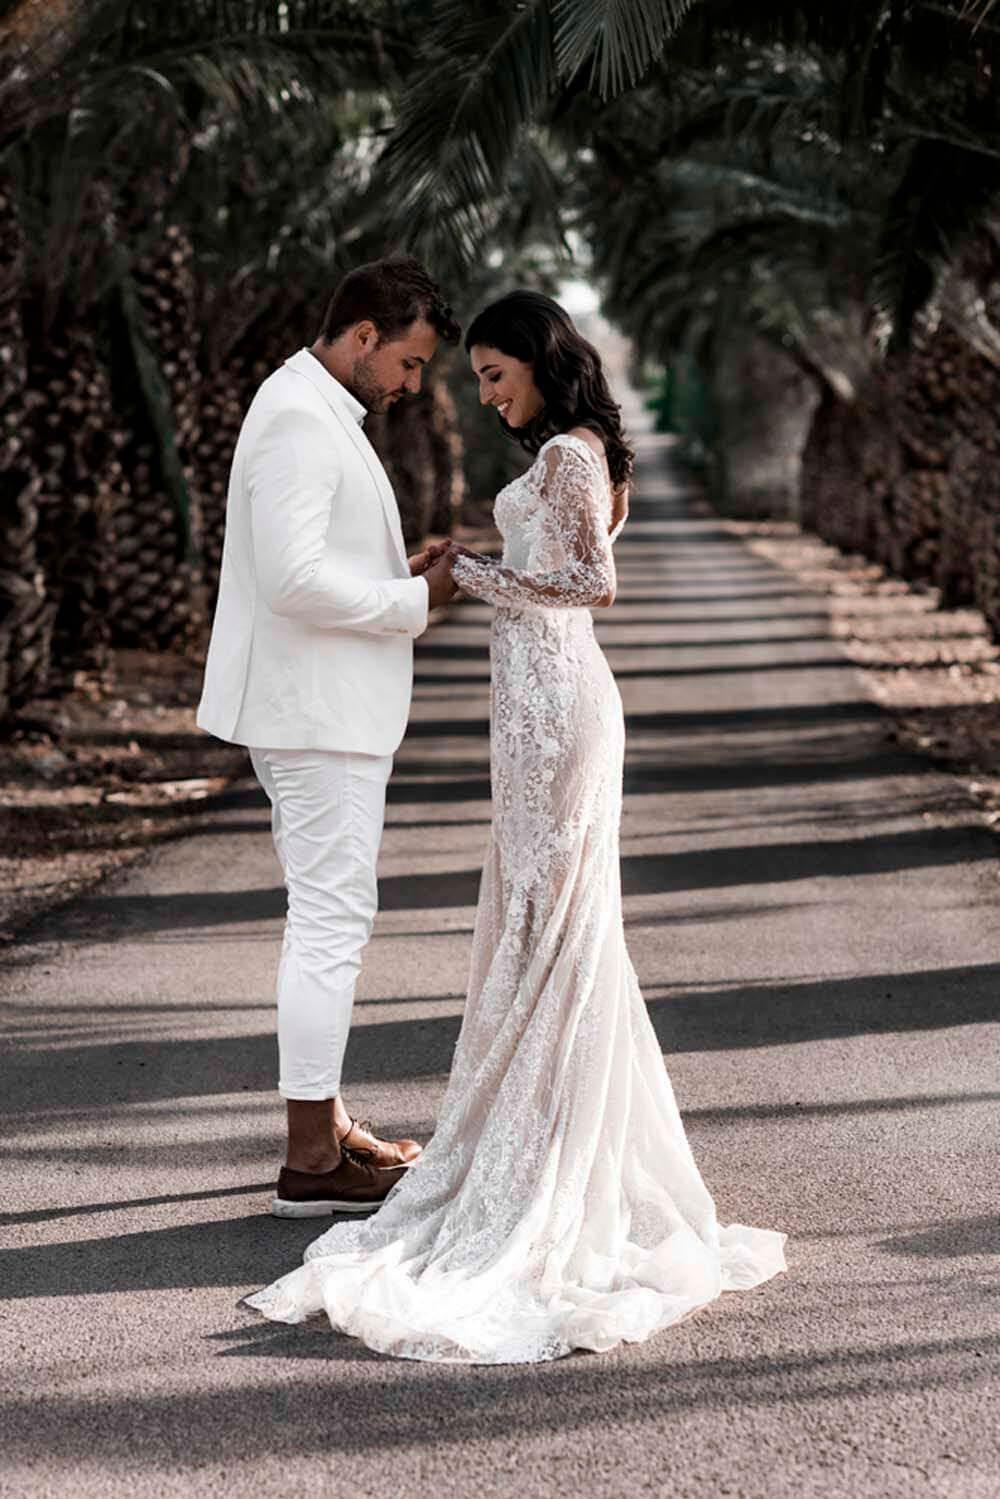 Vestidos de novia corte sirena en Venezuela, hermosa silueta con escote en V y manga larga, consíguelo en nuestras boutiques de Caracas y la Isla de Margarita